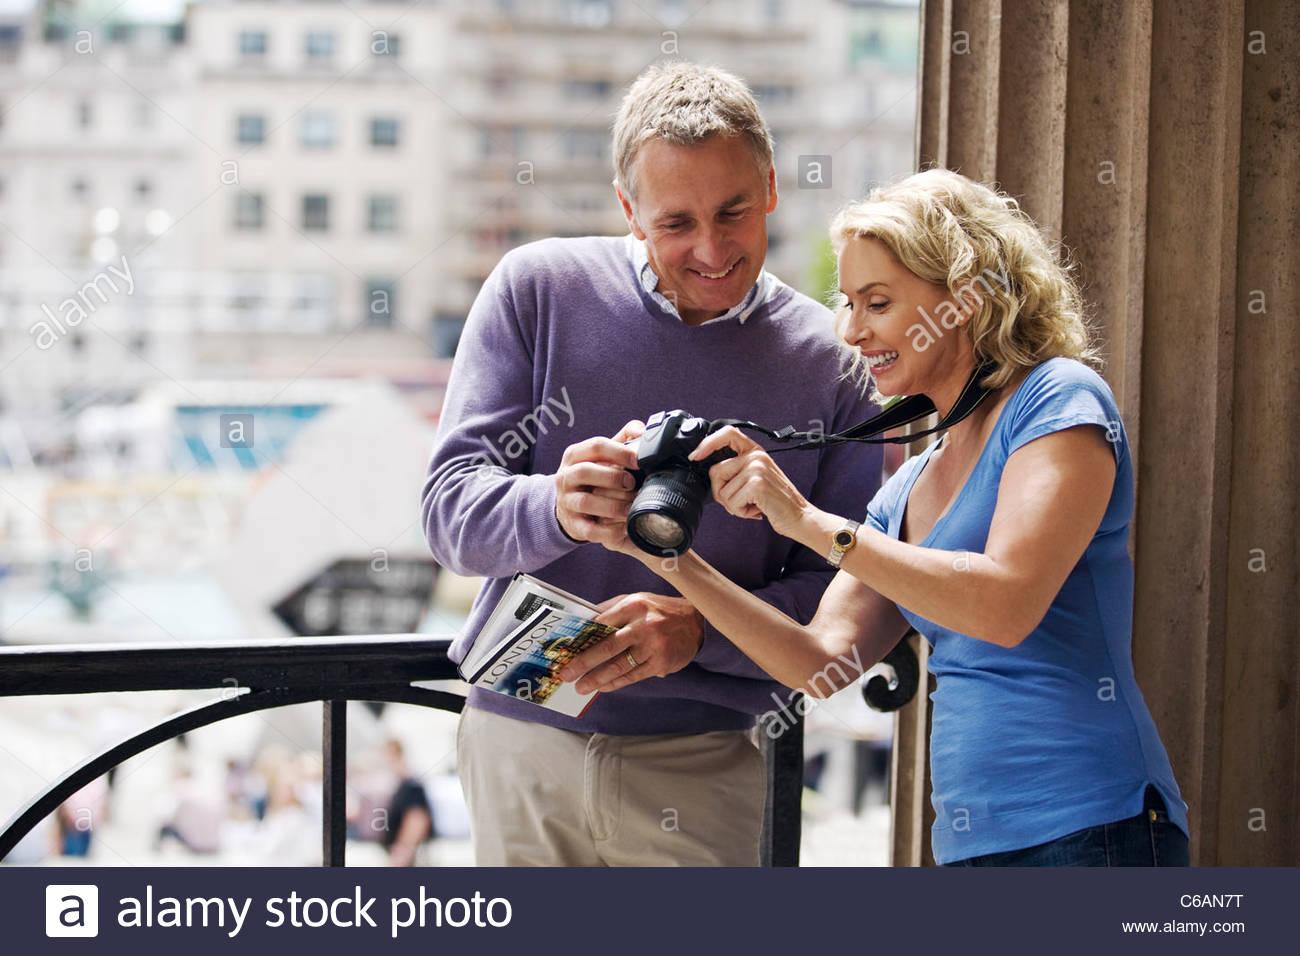 Ein paar mittleren Alters von Trafalgar Square stehen, betrachten von Fotos auf ihrer Kamera Stockbild